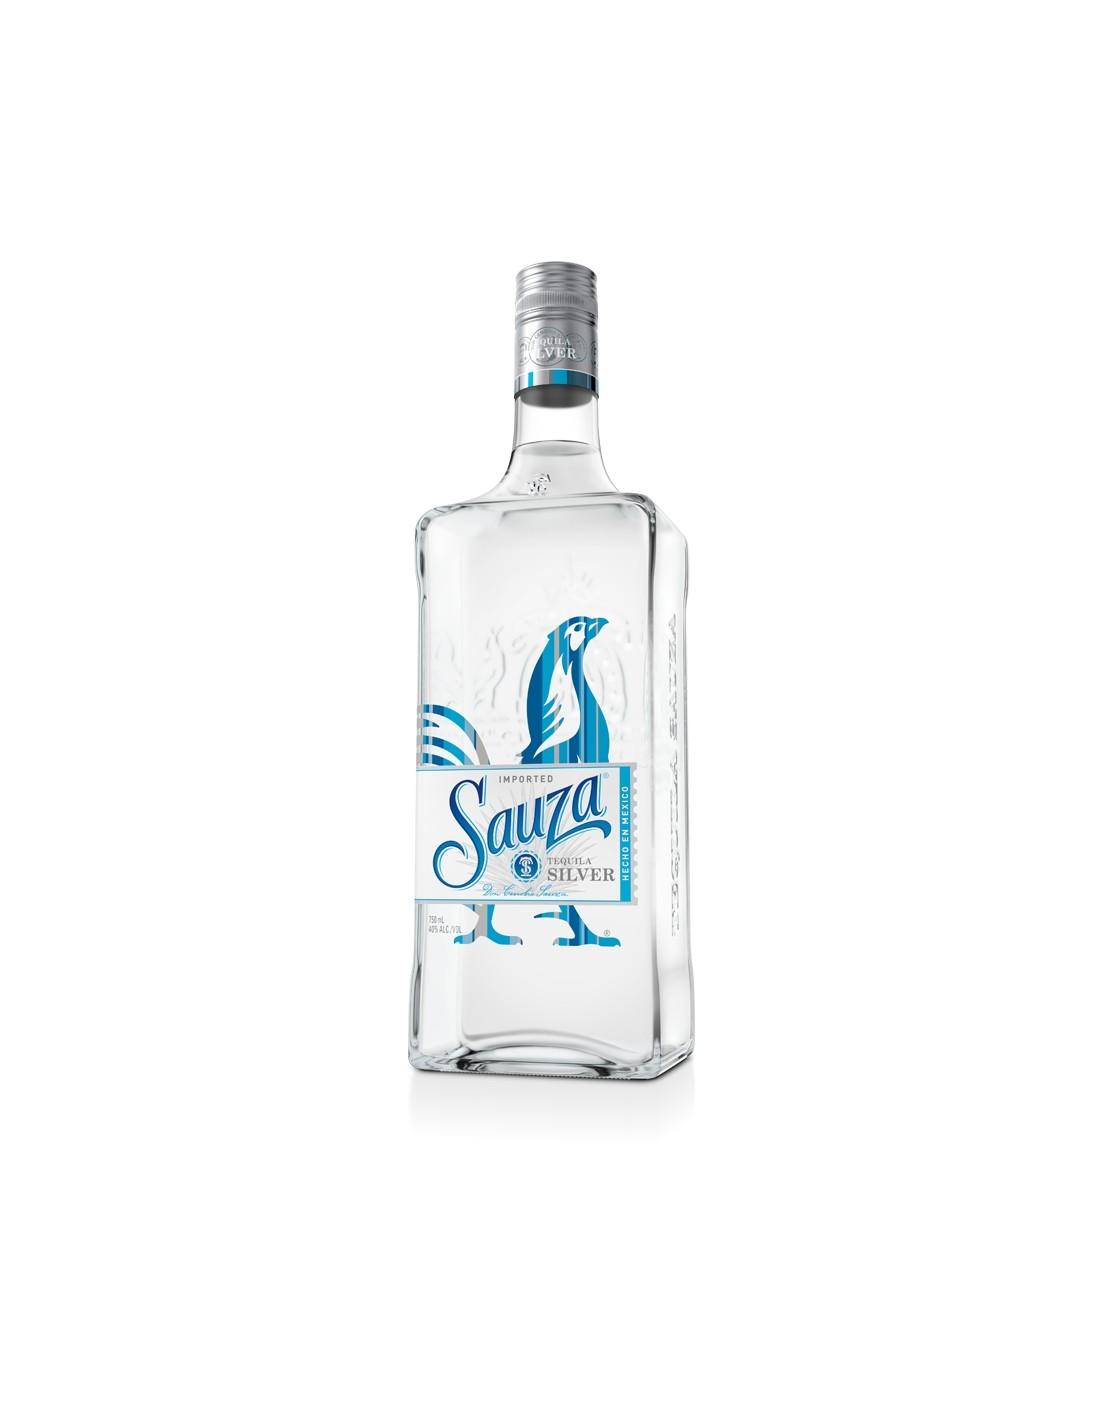 Tequila alba Sauza Silver 0.7L, 38% alc., Mexic